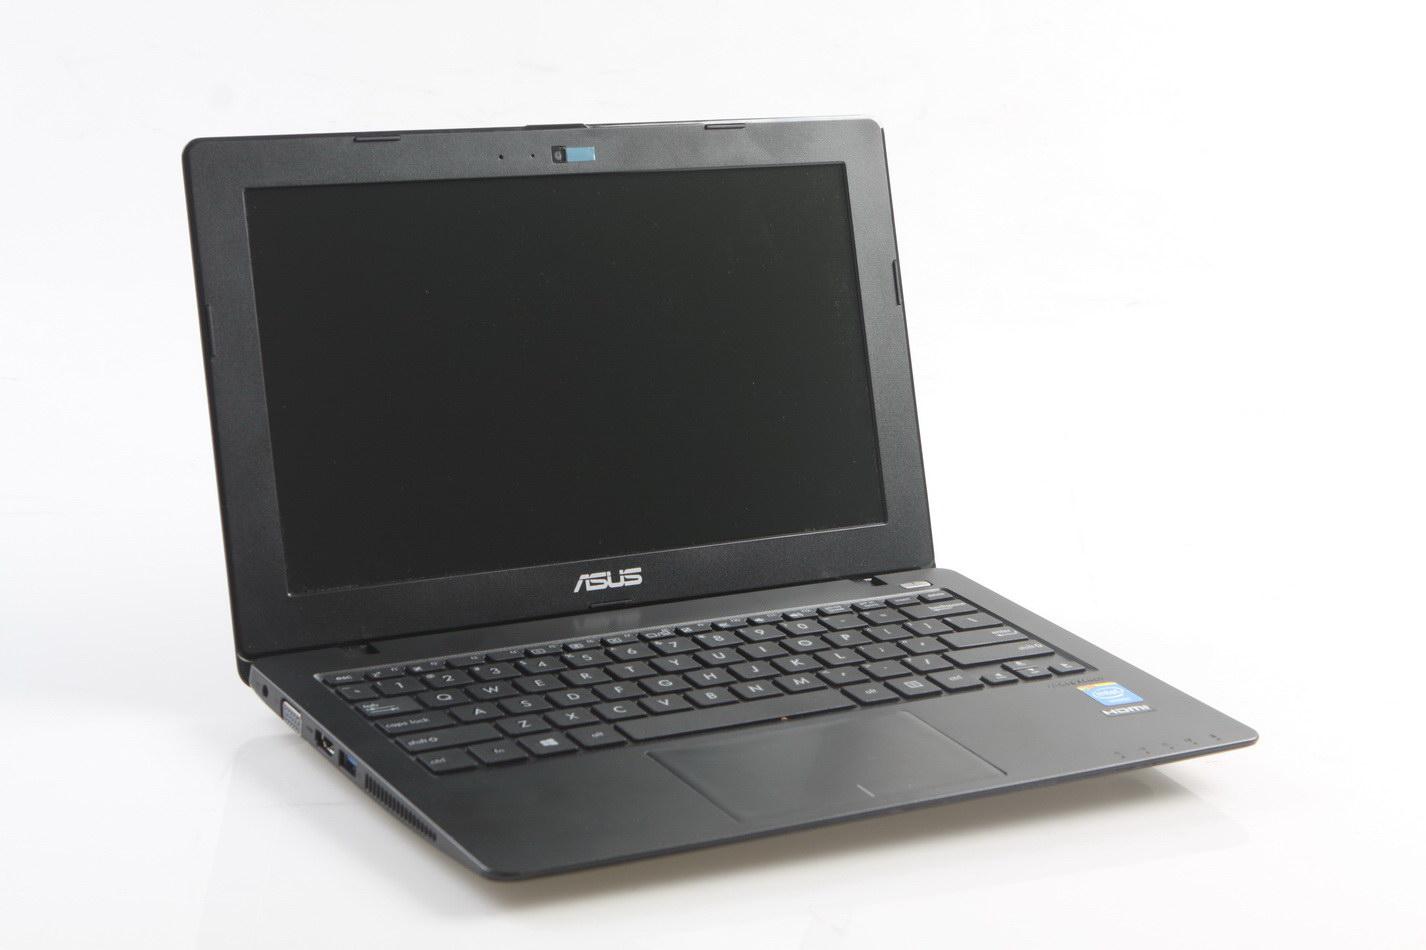 Shinecom Asus X200ma Bing Dan Dos Murah Dan Resmi